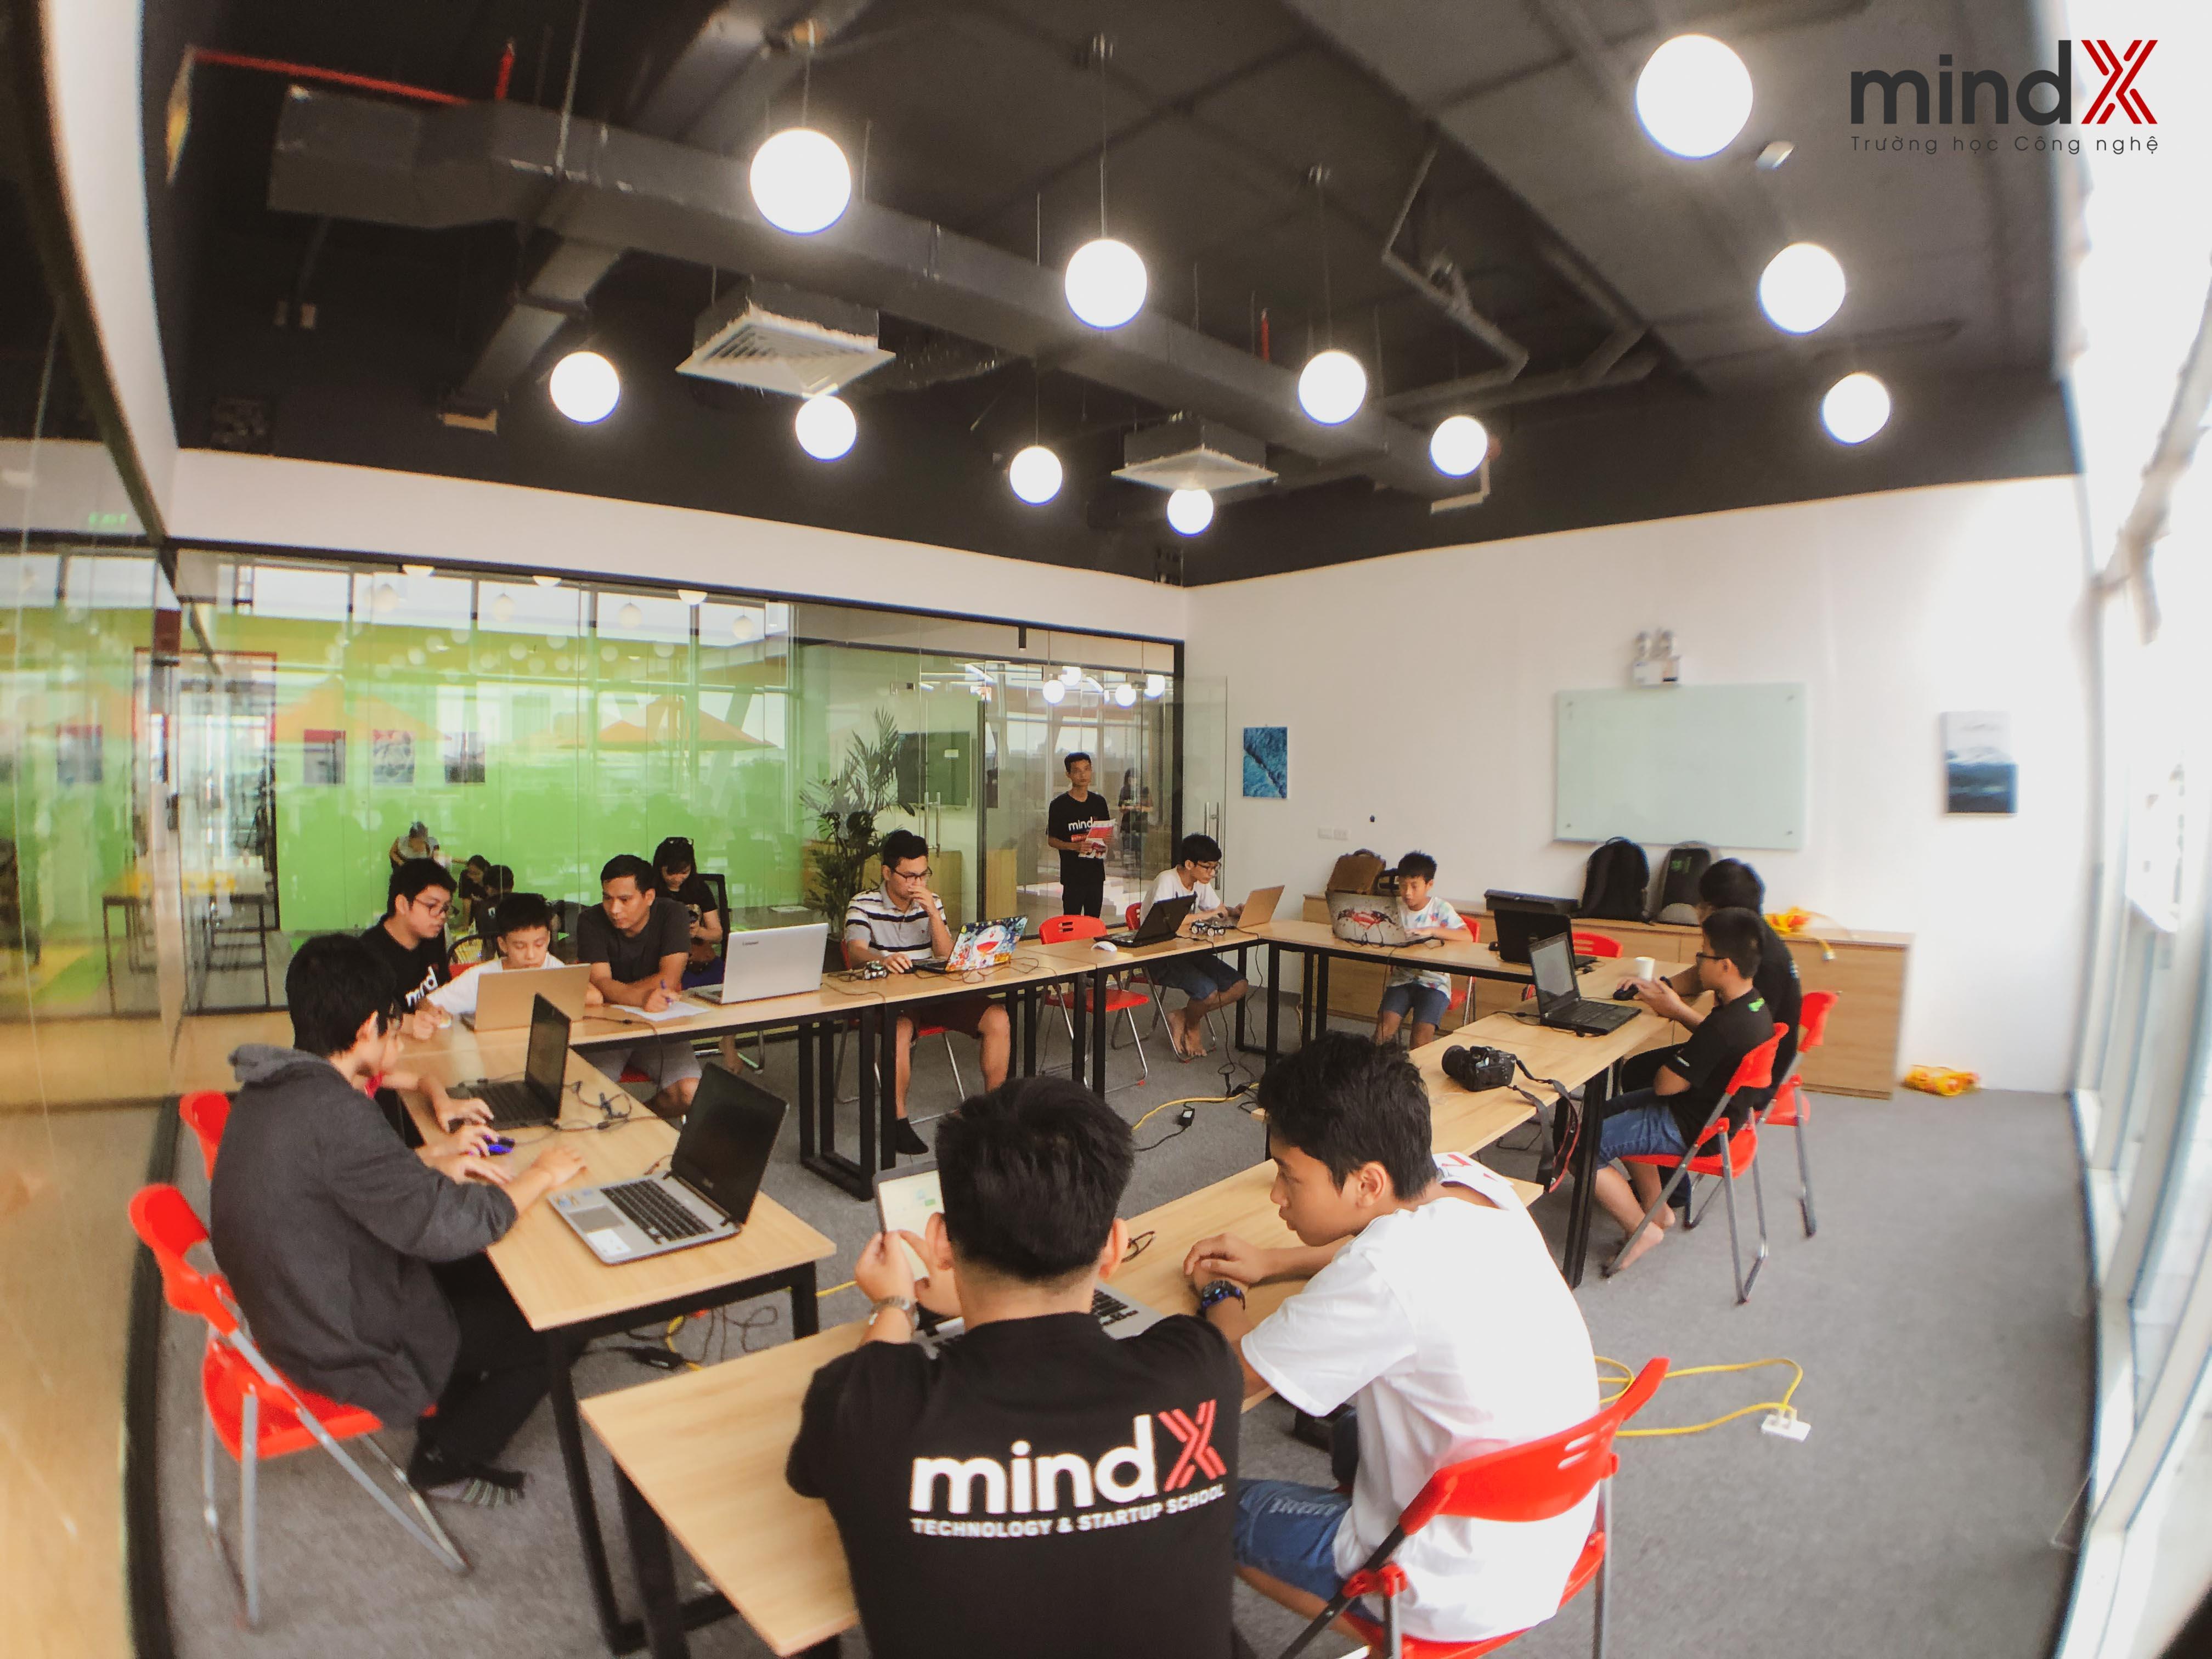 Hình ảnh Trung tâm đào tạo lập trình viên MindX